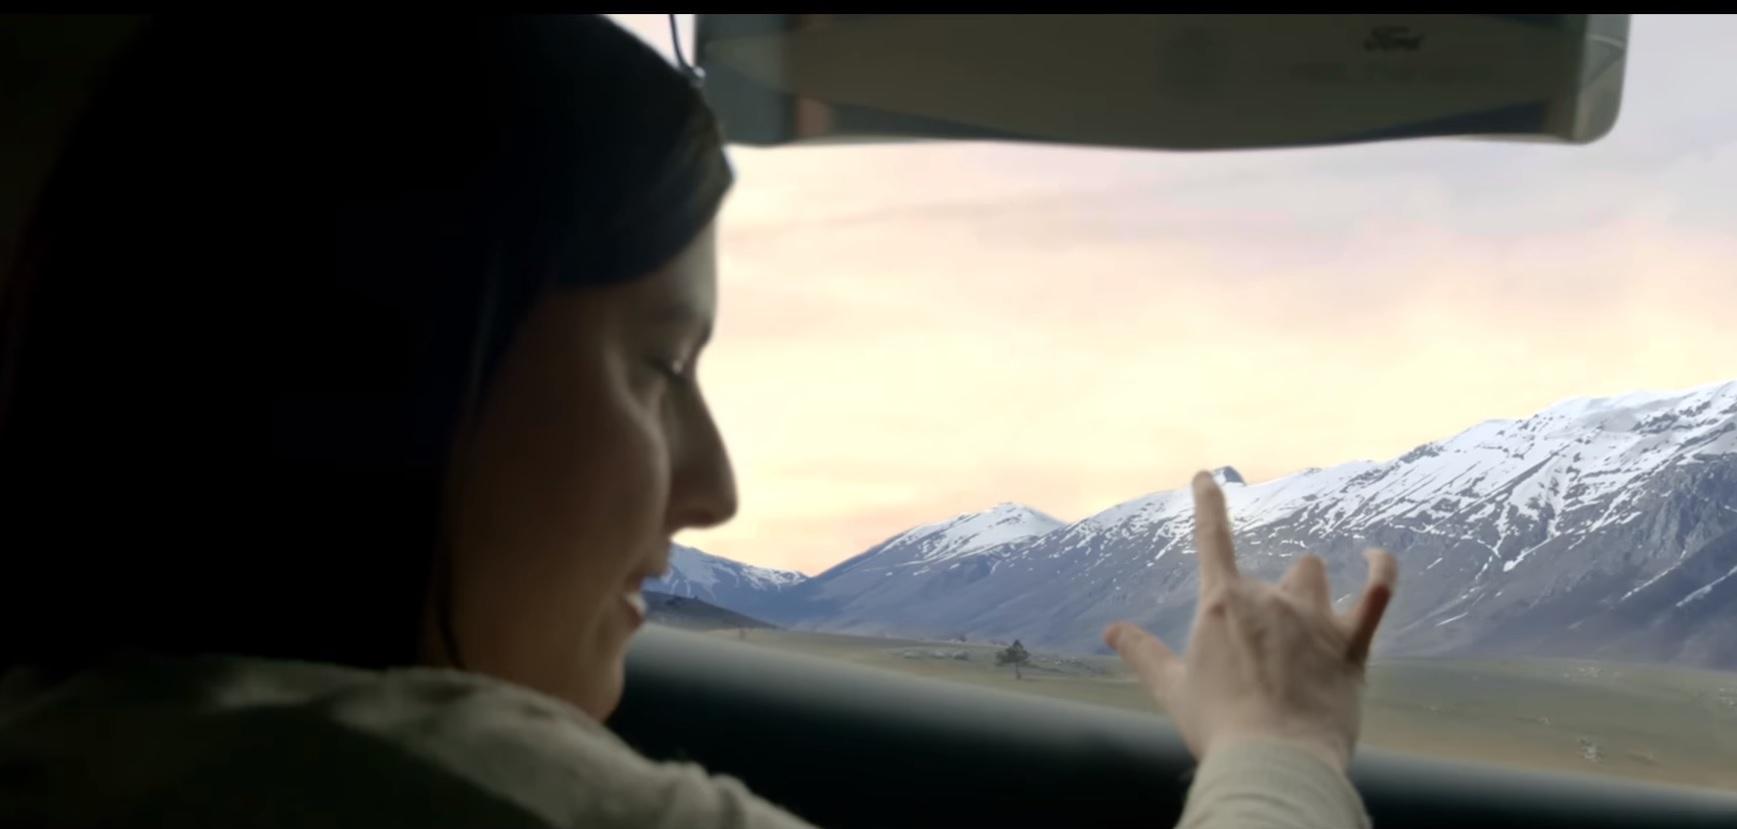 passageiros cegos vendo paisagem